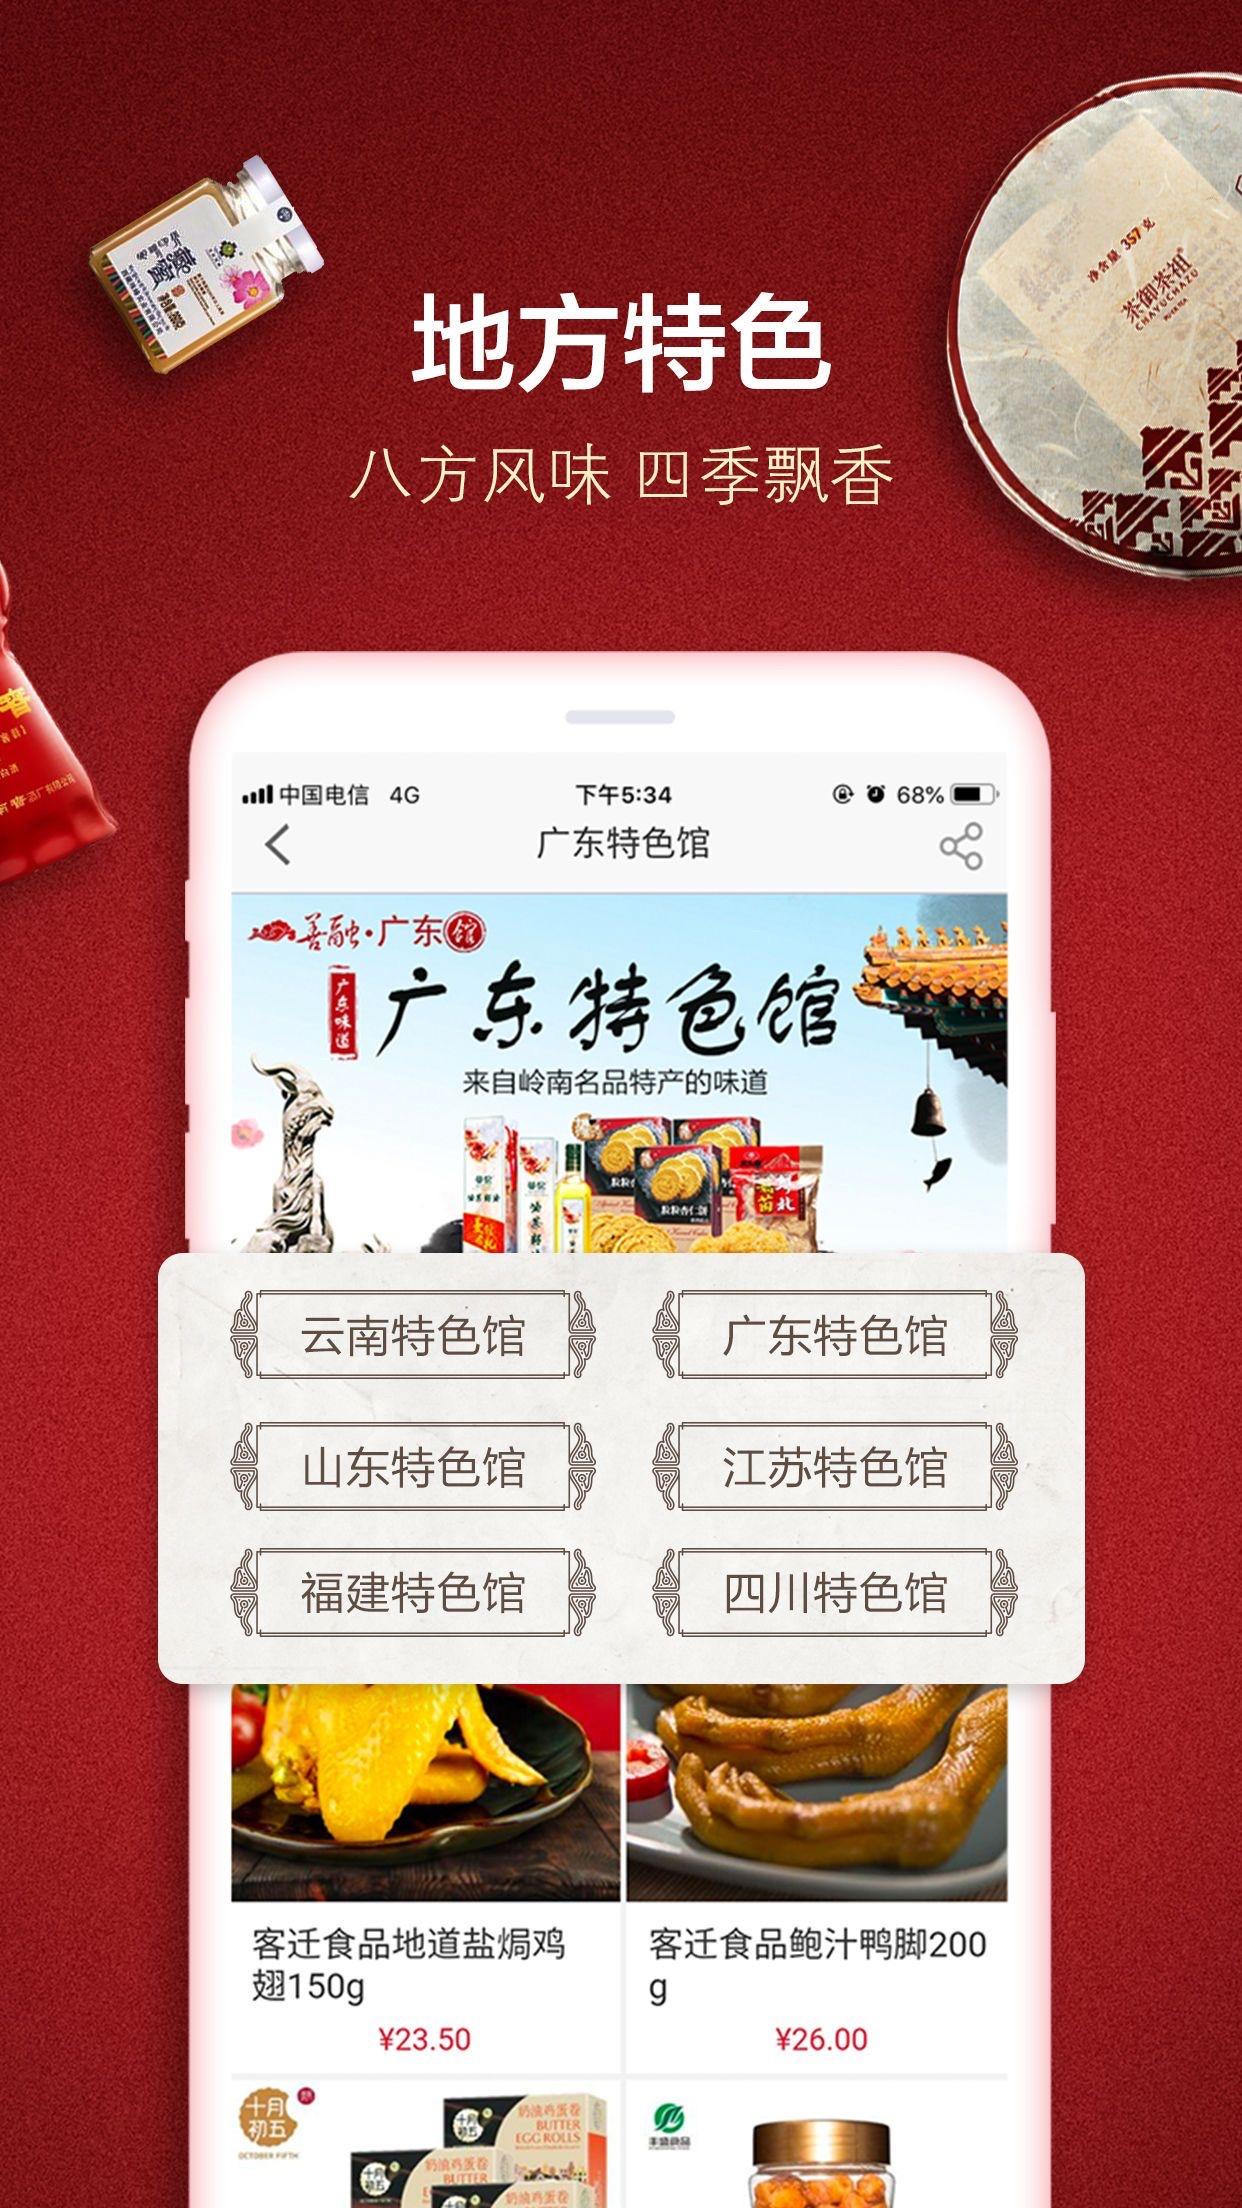 善融商务 Screenshot